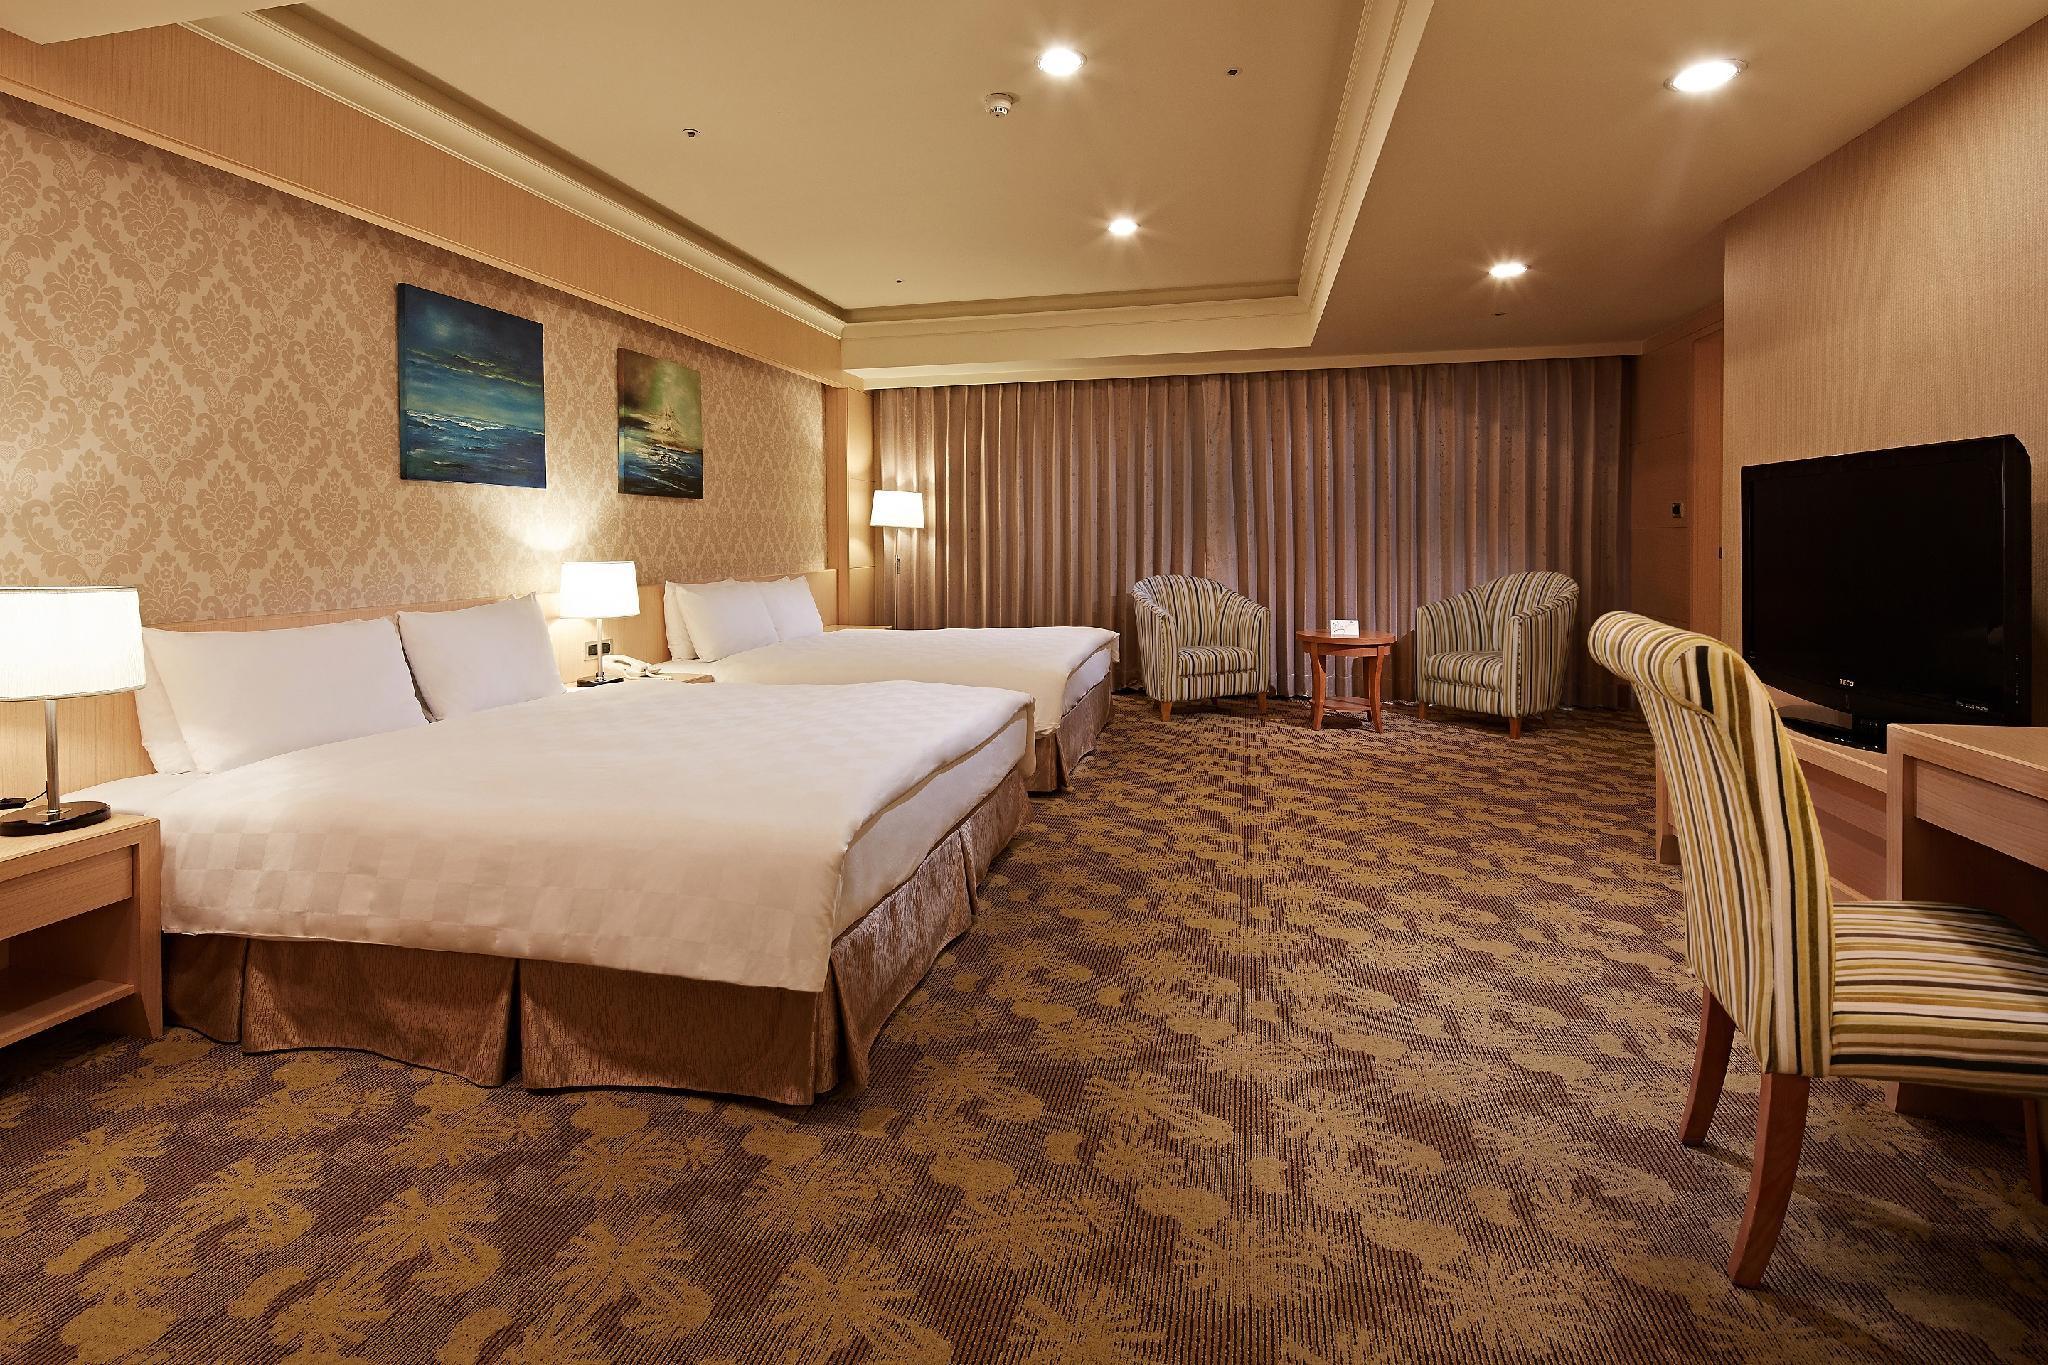 E-Da Skylark Hotel, Kaohsiung